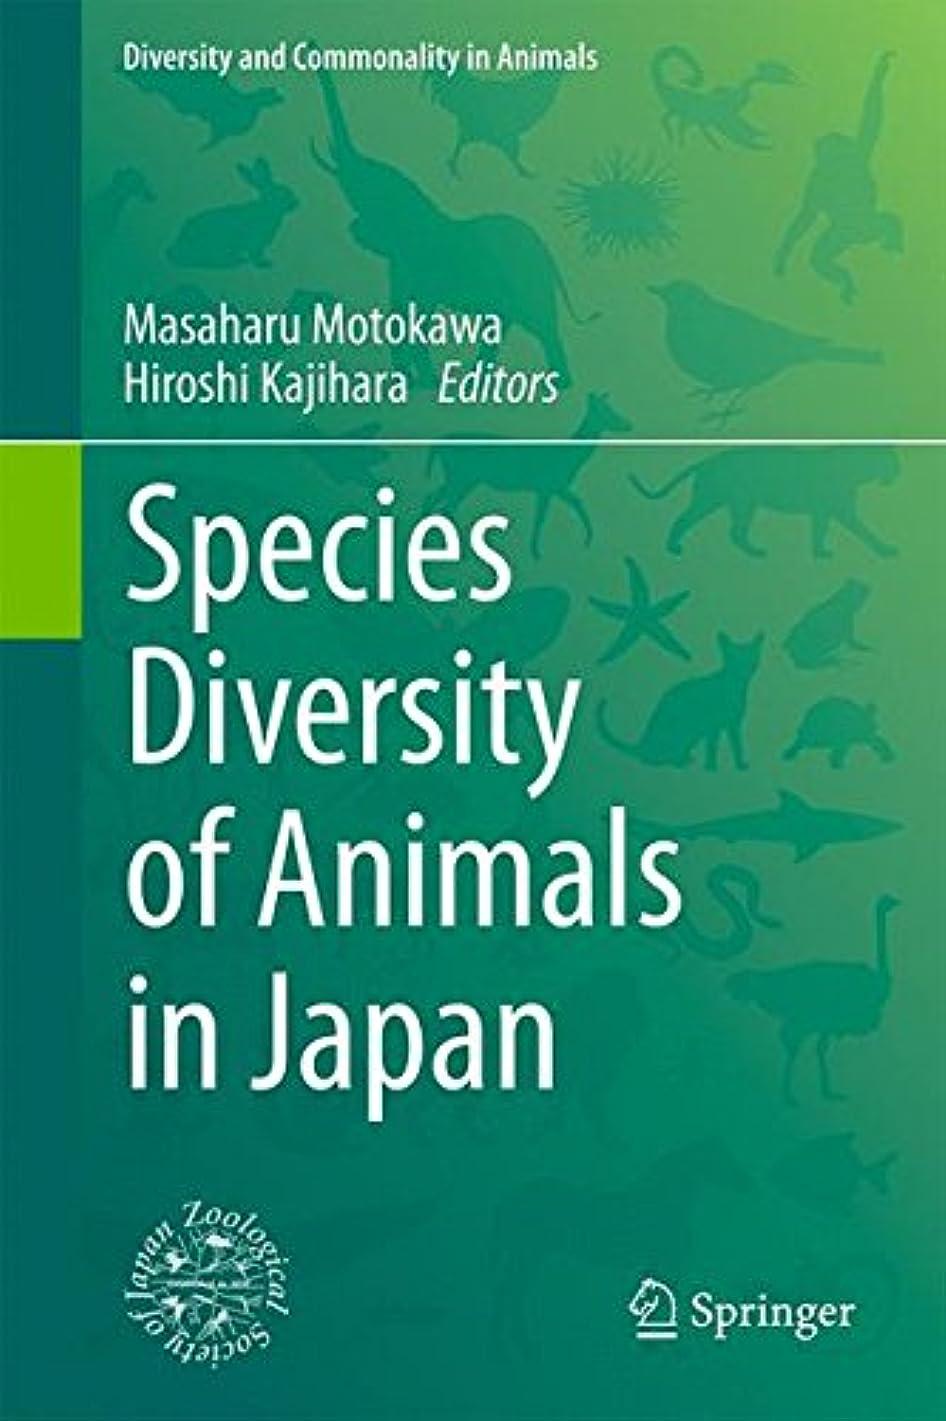 湿原どのくらいの頻度でマルクス主義Species Diversity of Animals in Japan (Diversity and Commonality in Animals)